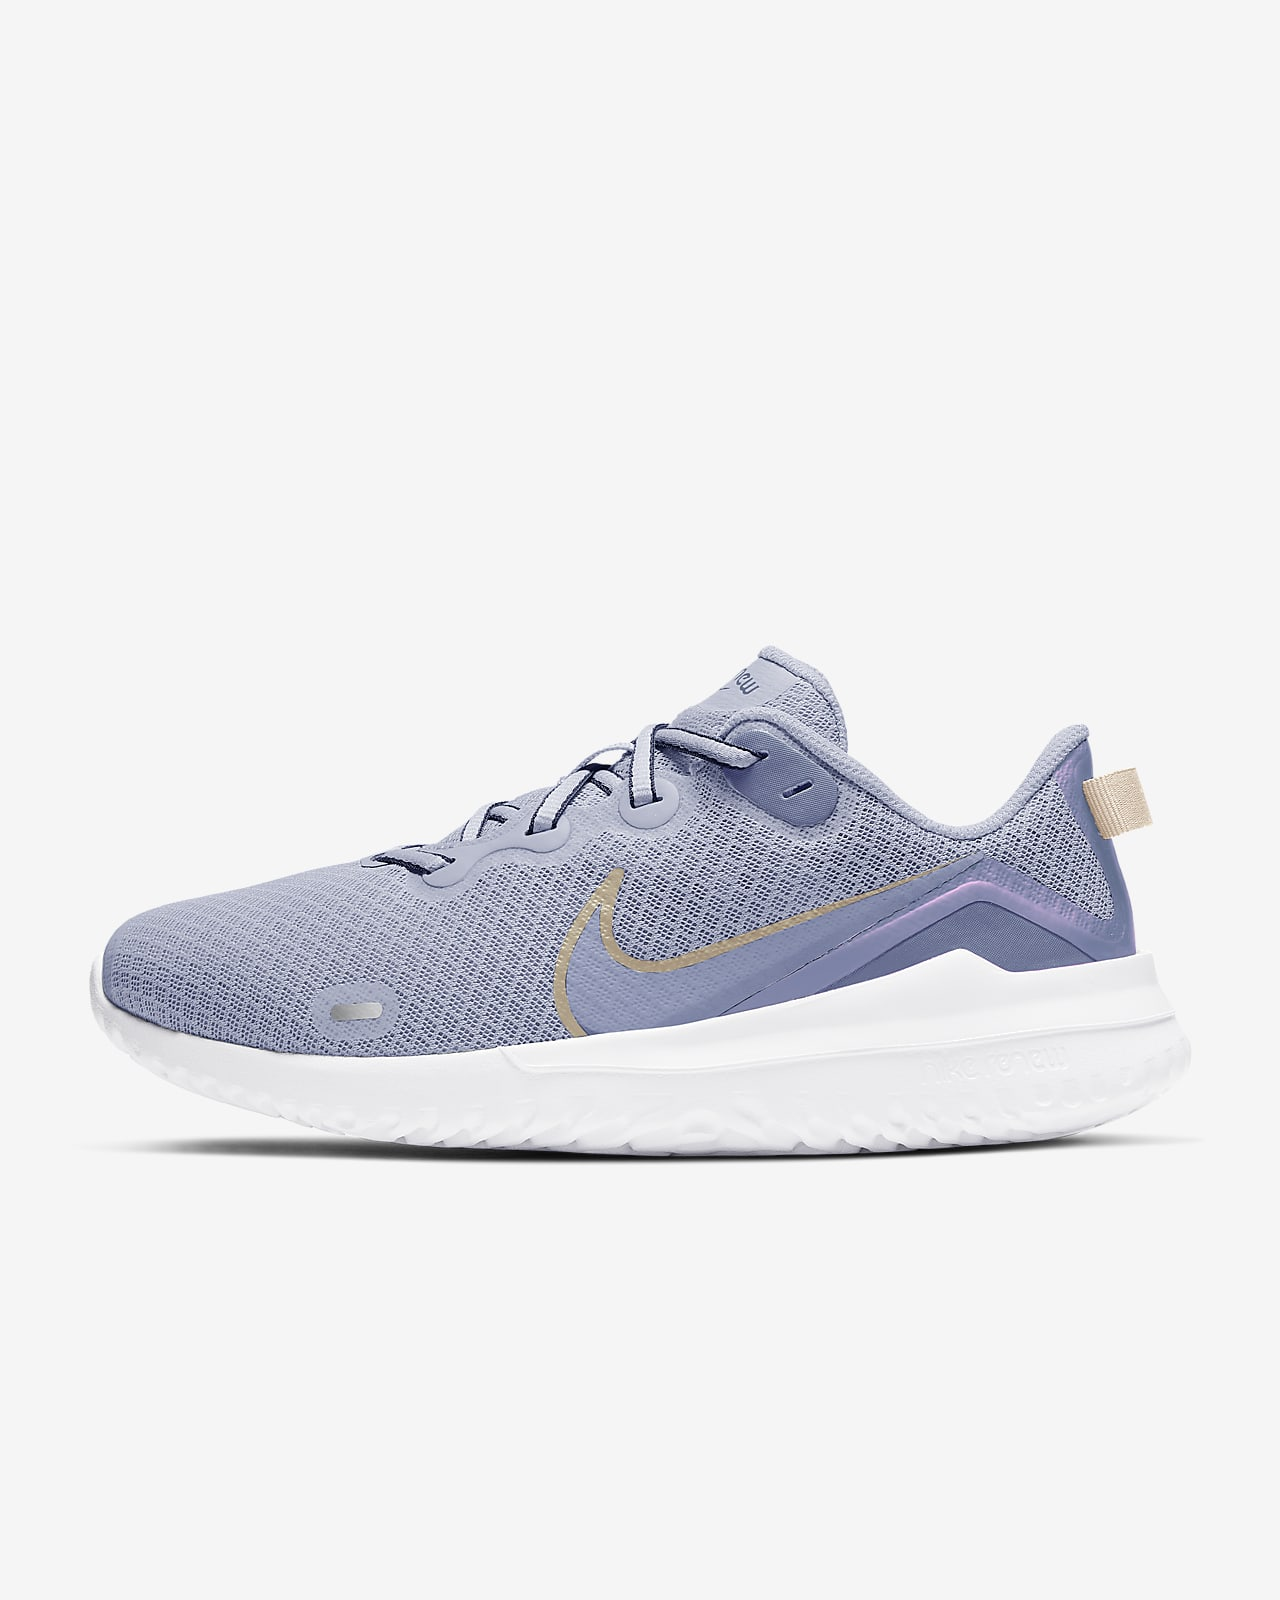 Nike Renew Ride Women's Running Shoe